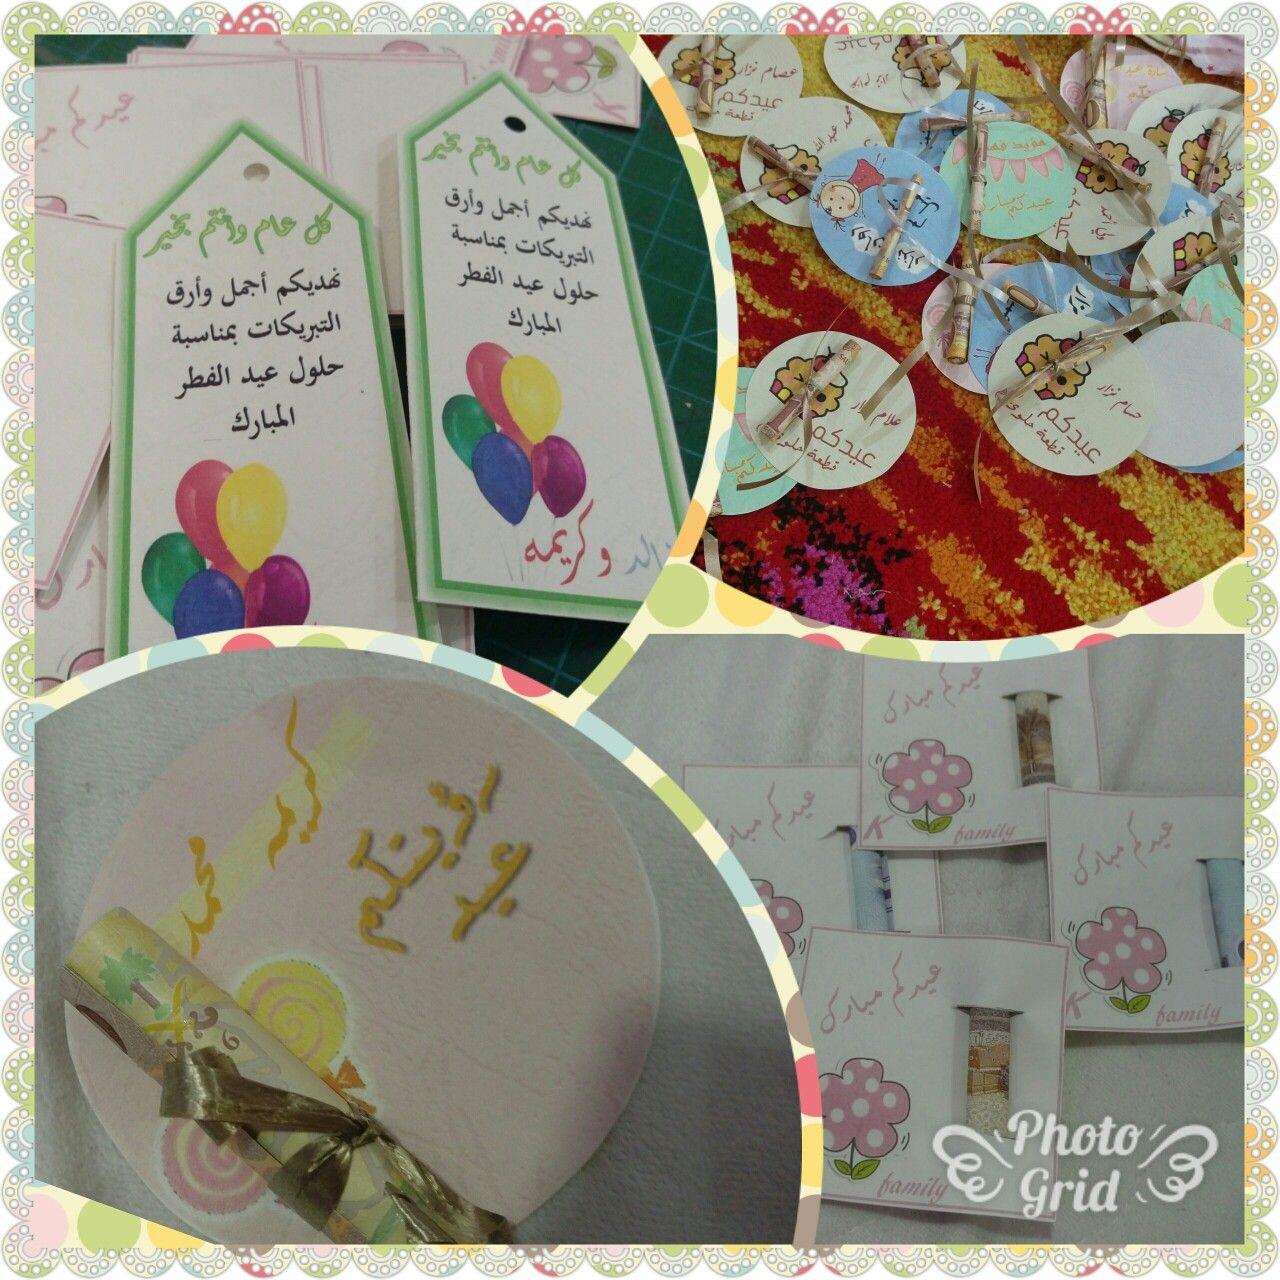 توزيعات العيد عيد الفطر 1438 Eid Mubark Decor Home Decor